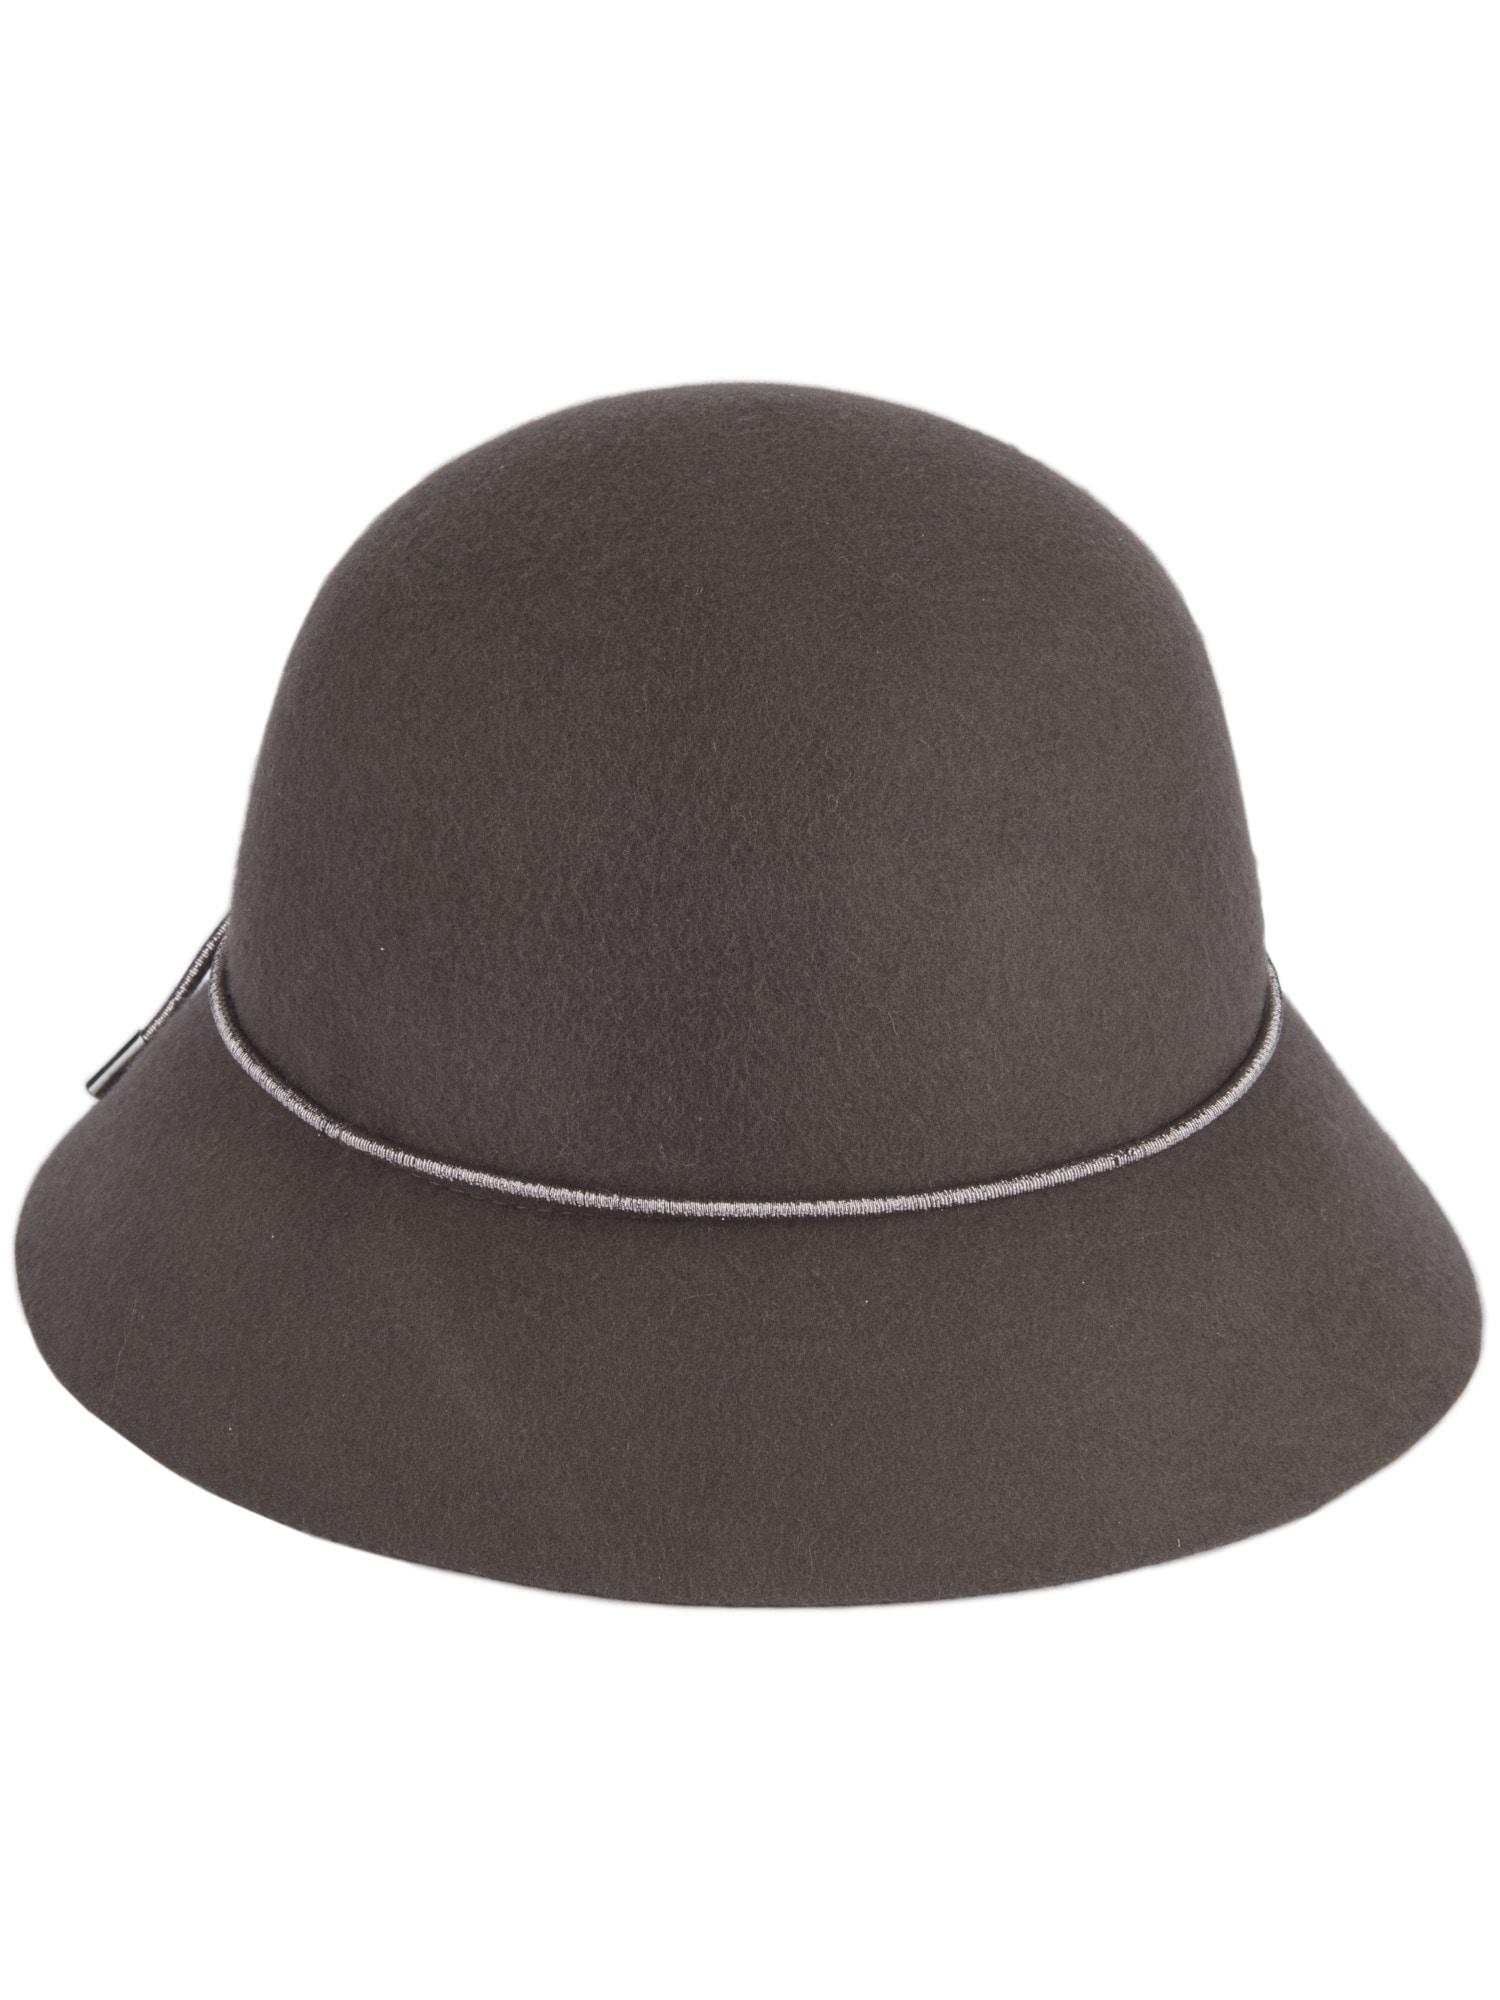 Damen Loevenich Hut mit Hutband Loevenich schwarz